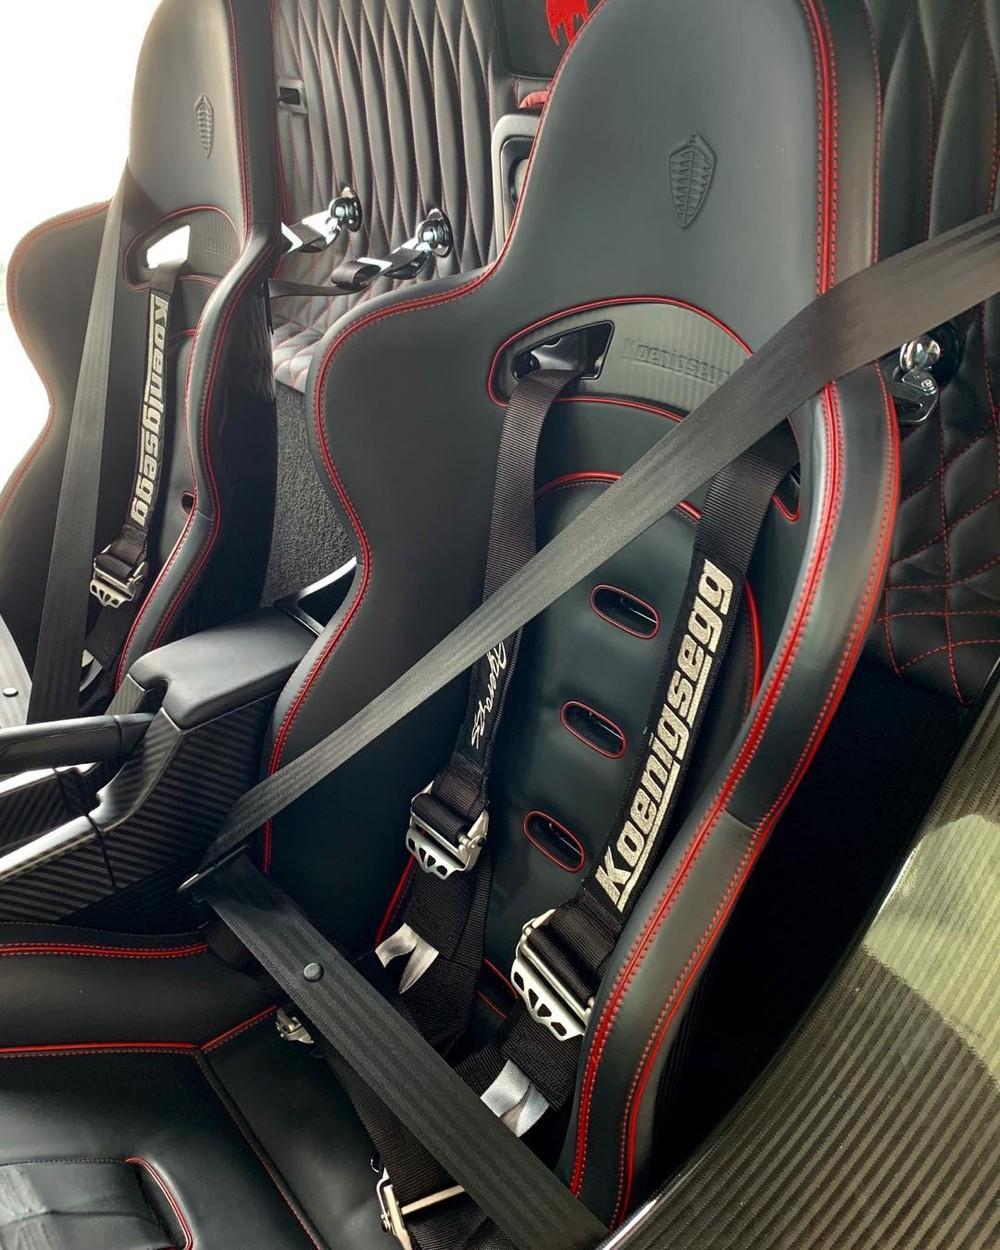 Bên trong khoang lái xe có ghế ngồi bọc da màu đen kết hợp cùng chỉ đỏ khâu tương phản.